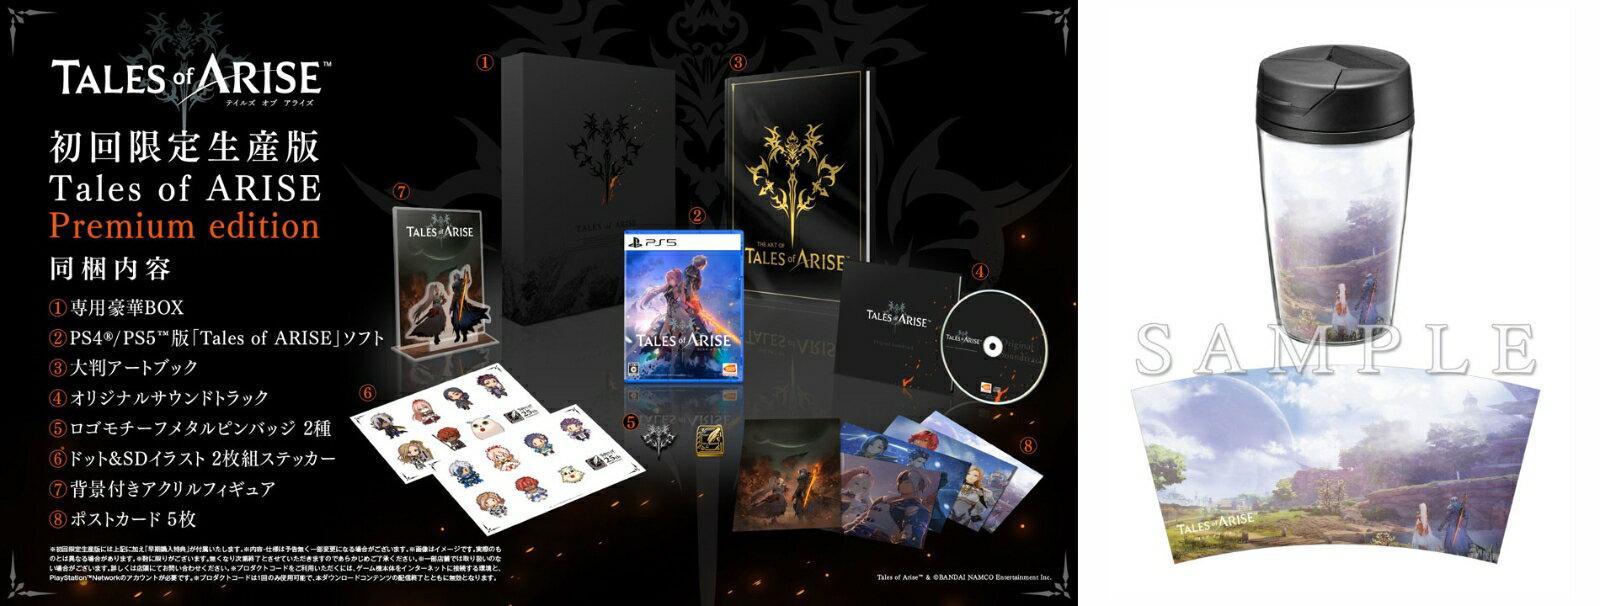 【楽天ブックス限定特典+特典】Tales of ARISE Premium edition PS5版(オリジナルタンブラー+【早期購入封入特典】ダウンロードコンテンツ4種が入手できるプロダクトコード)